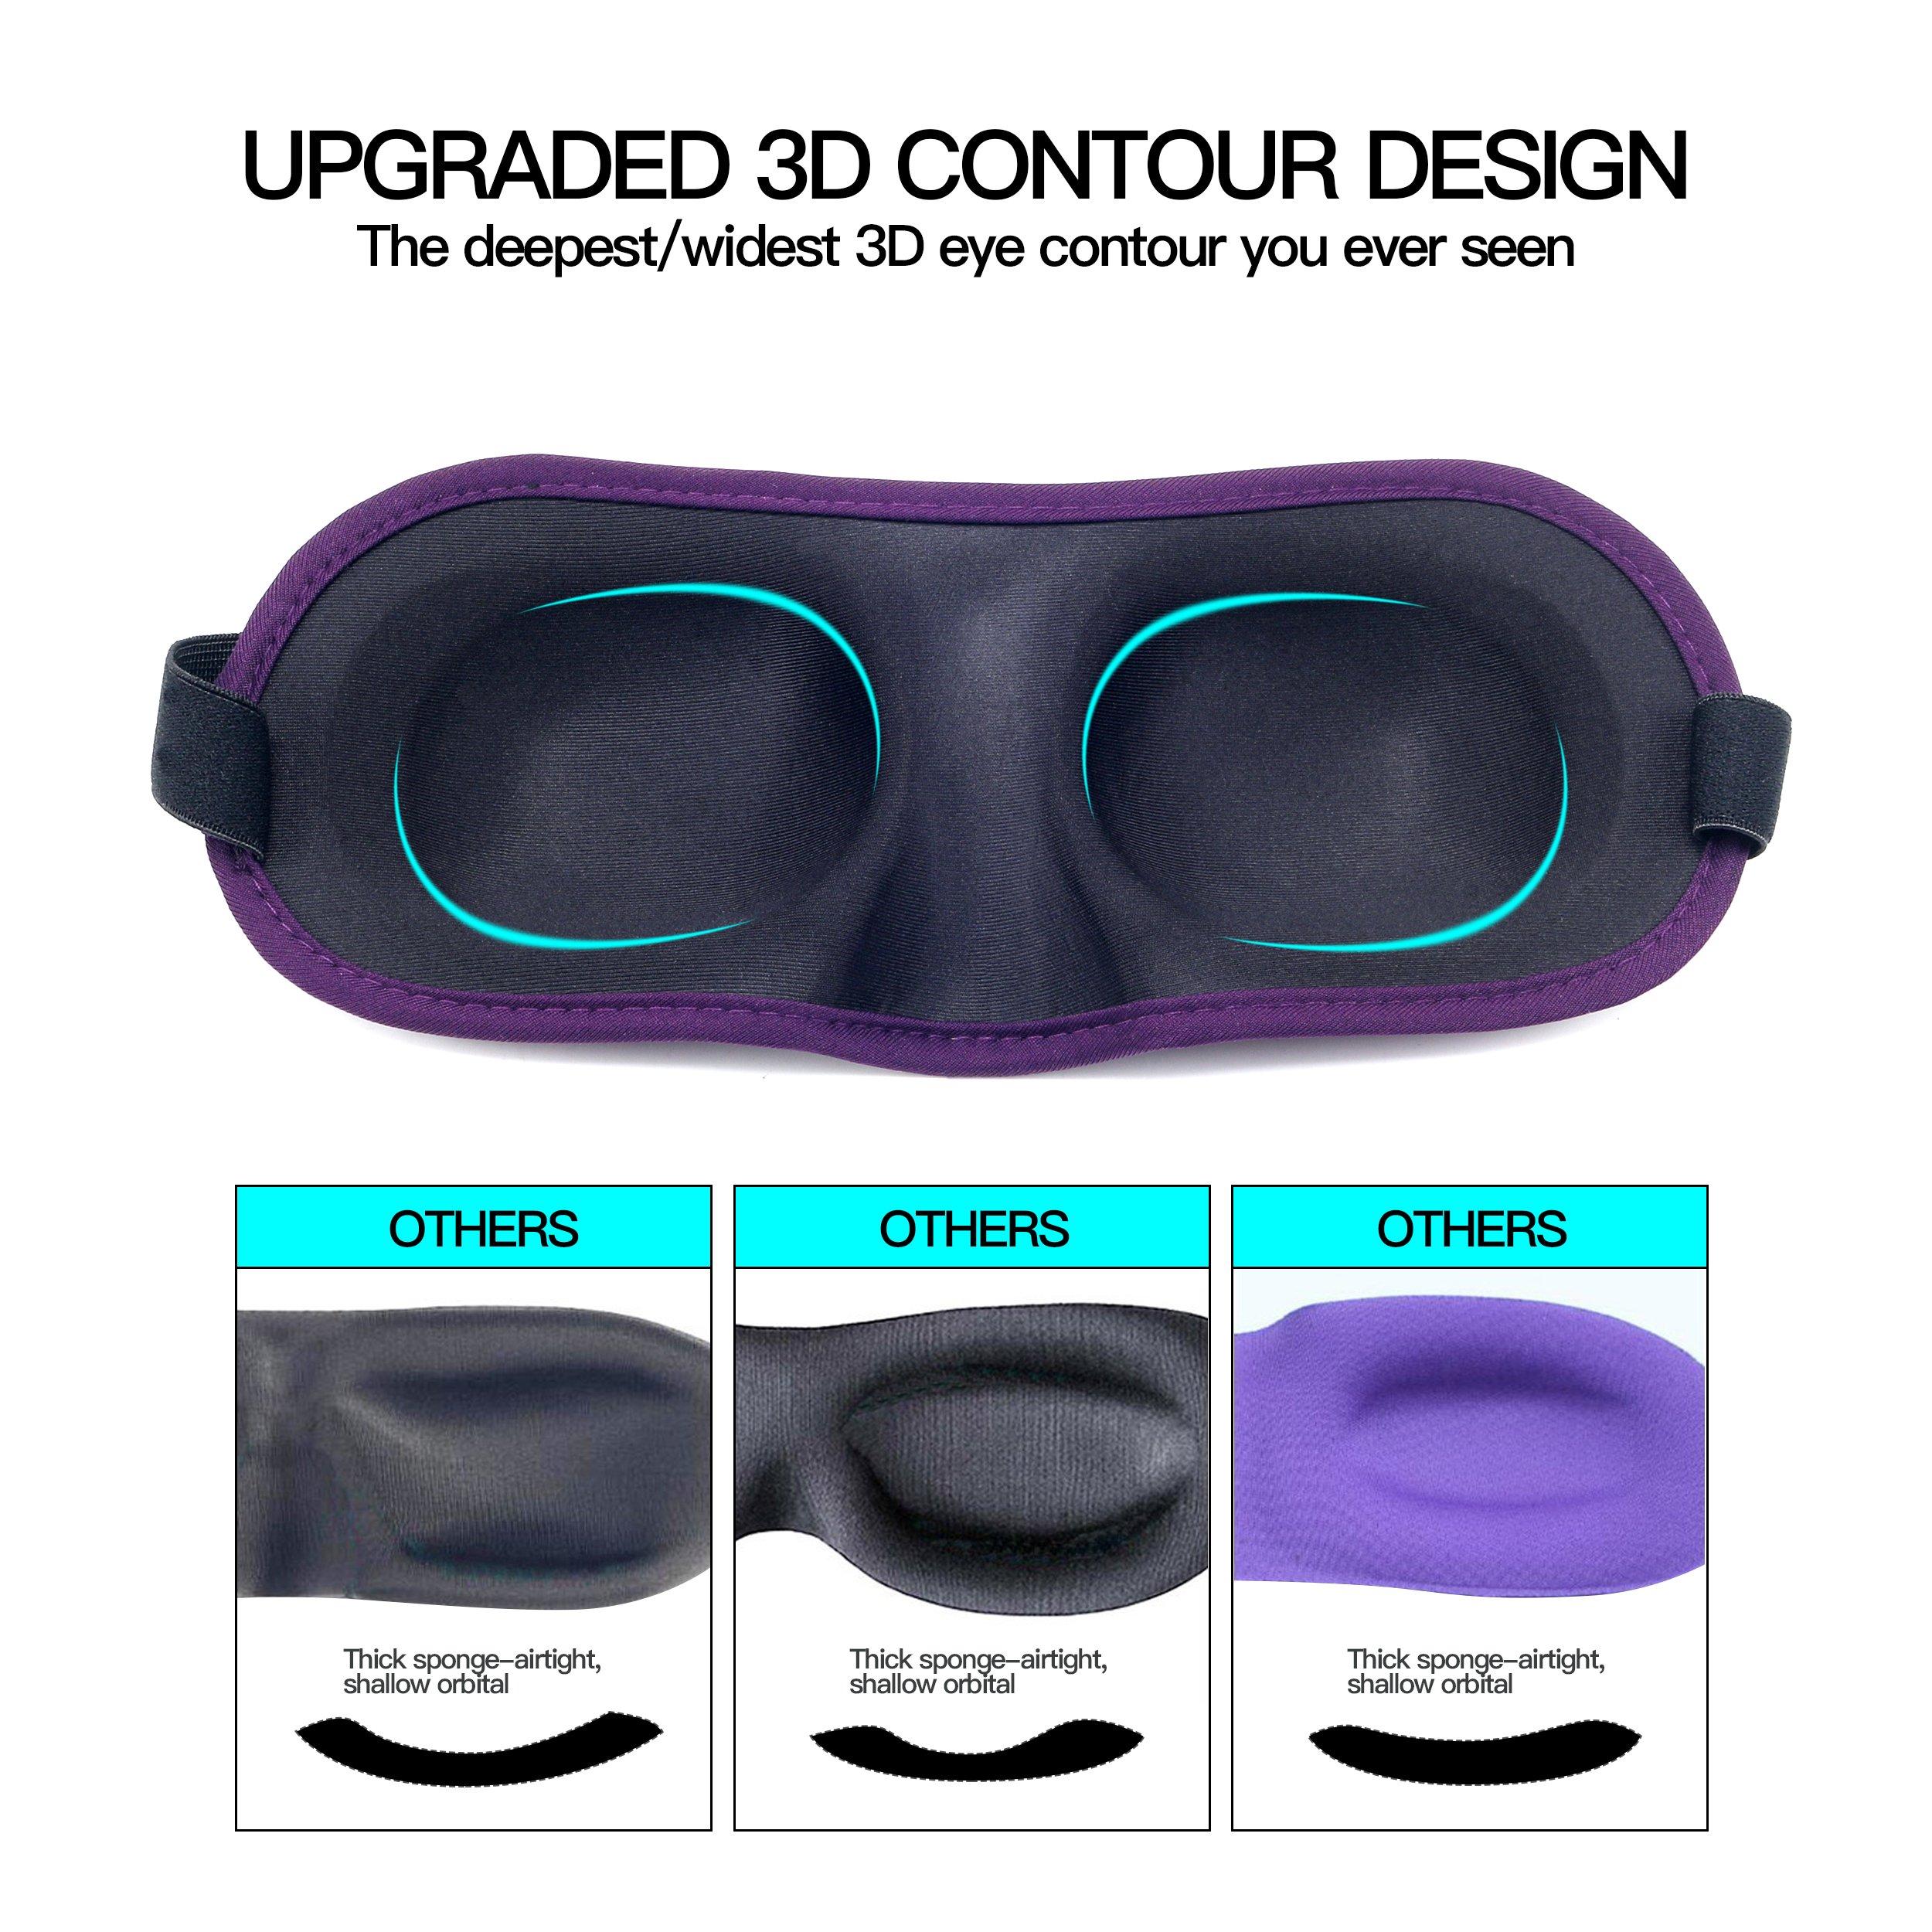 .3D Sleep Mask (Any machineable New Design 2 Pack) Eye Mask for Sleeping Locking Light 100%-Never Broken - Blindfold Airplane mask- Night Blinder Eyeshade for Men Women by leeken (Image #2)